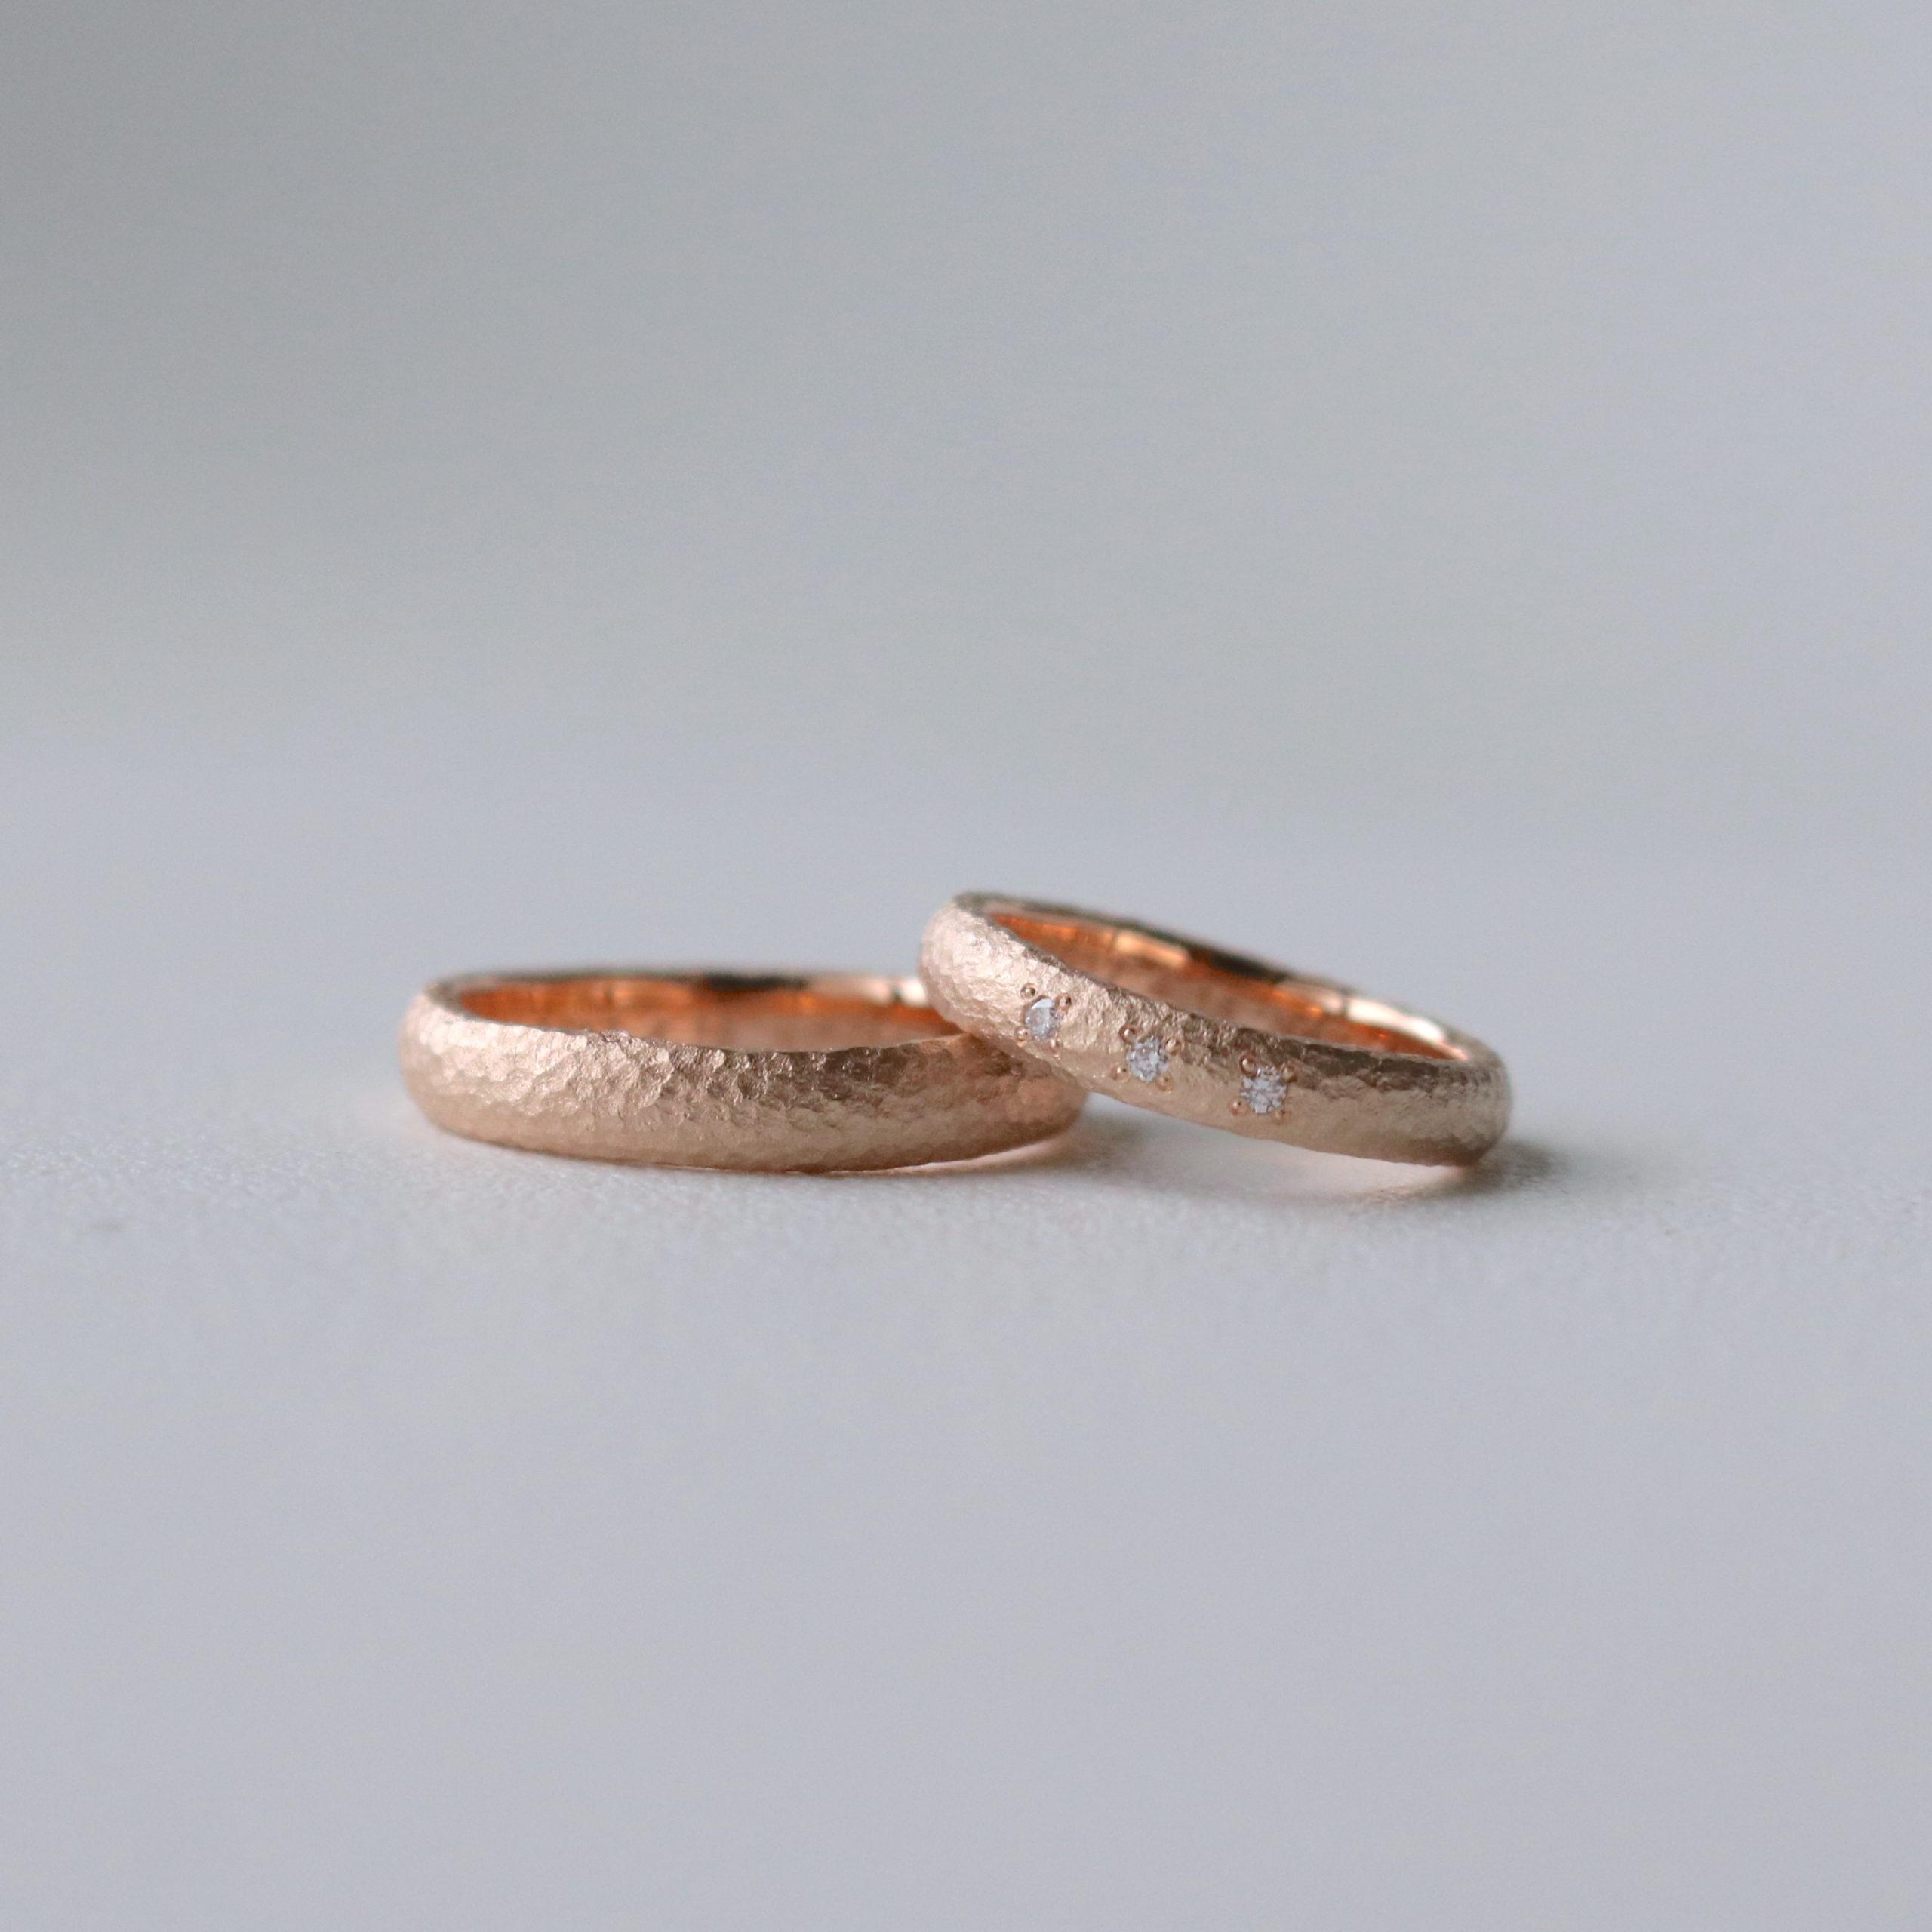 雲形に鎚目を施した、手作りの暖かみあるピンクゴールドの結婚指輪